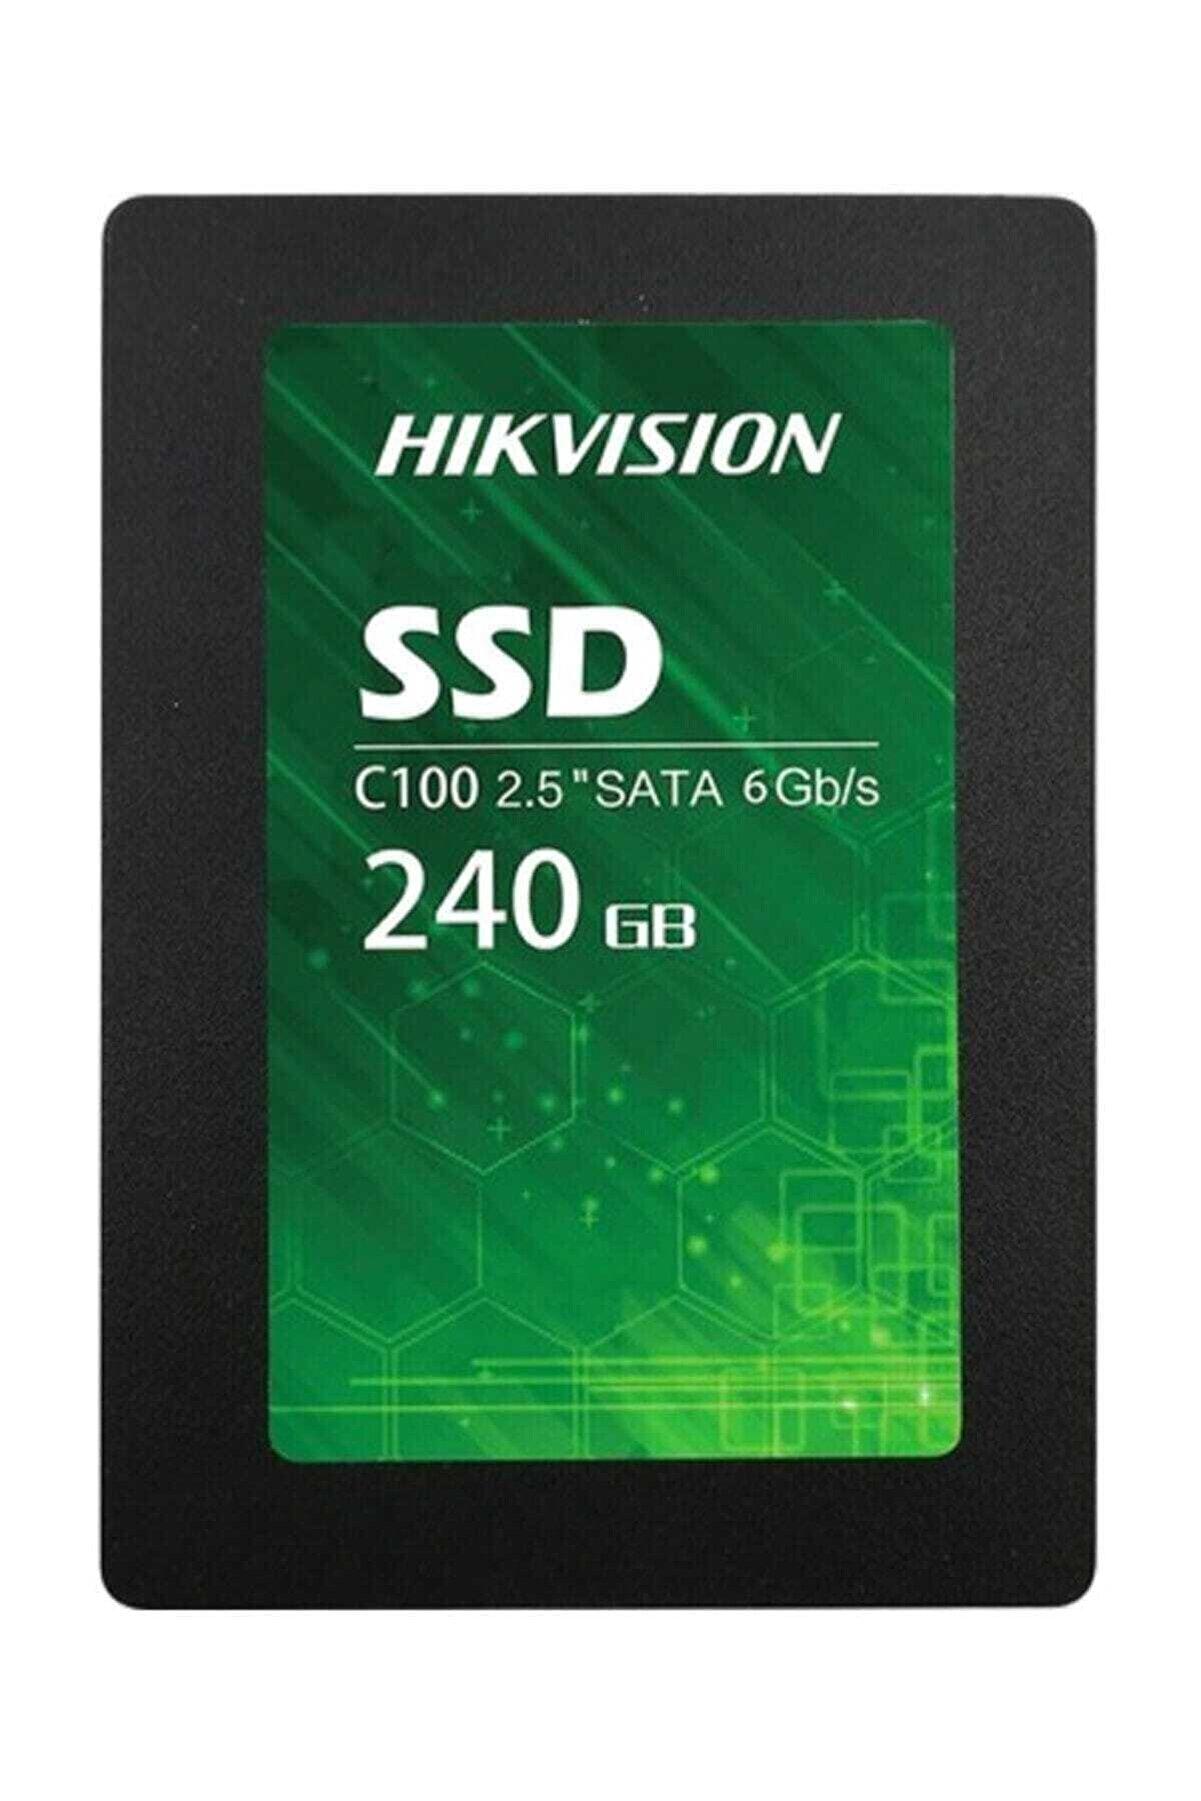 Haikon 240gb Ssd Disk Sata 3 Hs-ssd-c100/240g